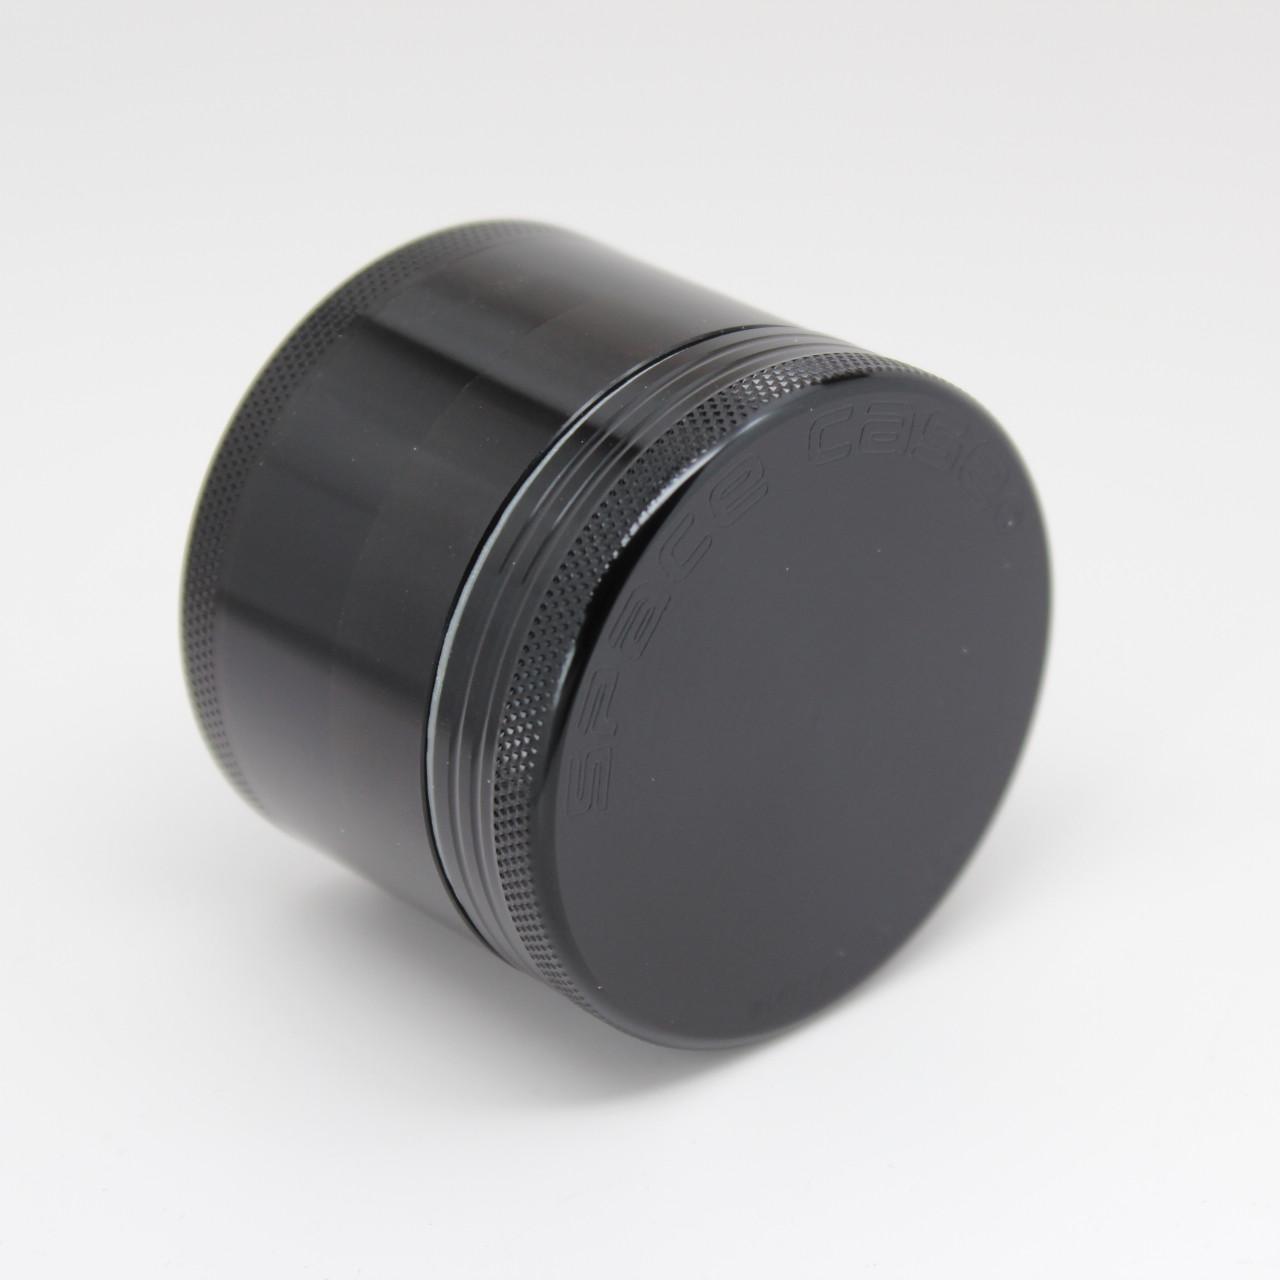 Space Case Small 4 Piece Titanium Grinder